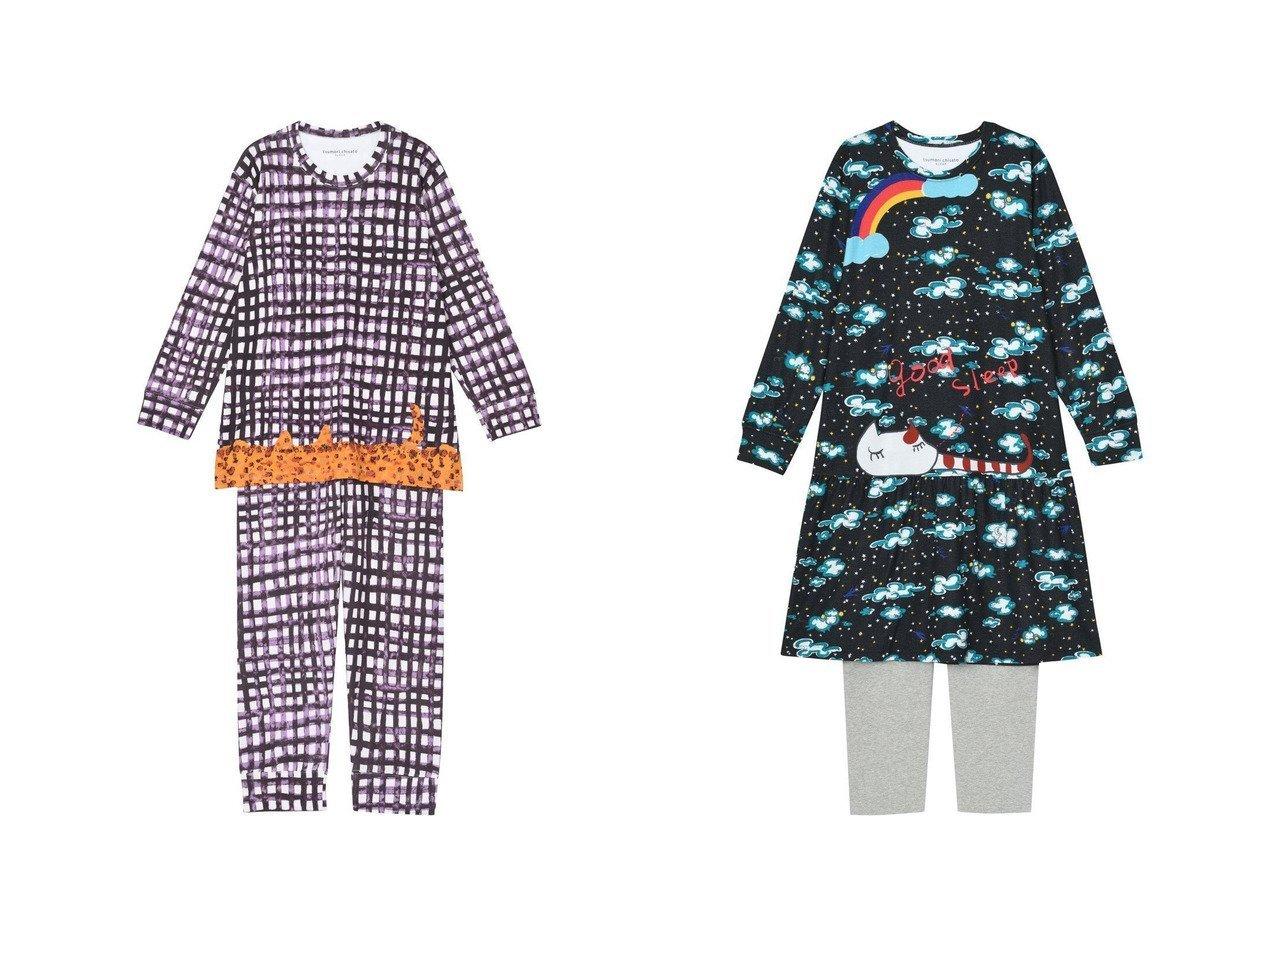 【tsumori chisato SLEEP/ツモリチサト スリープ】のパジャマ ロング袖ロングパンツ 手描き水彩のギンガムチェックワコール UDX511&パジャマ ロング袖ロングパンツ 眠りにつくネコワコール UDX510 おすすめ!人気、トレンド・レディースファッションの通販 おすすめで人気の流行・トレンド、ファッションの通販商品 インテリア・家具・メンズファッション・キッズファッション・レディースファッション・服の通販 founy(ファニー) https://founy.com/ ファッション Fashion レディースファッション WOMEN パンツ Pants 送料無料 Free Shipping アンダー ネコ パジャマ ロング 秋 Autumn/Fall  ID:crp329100000072064